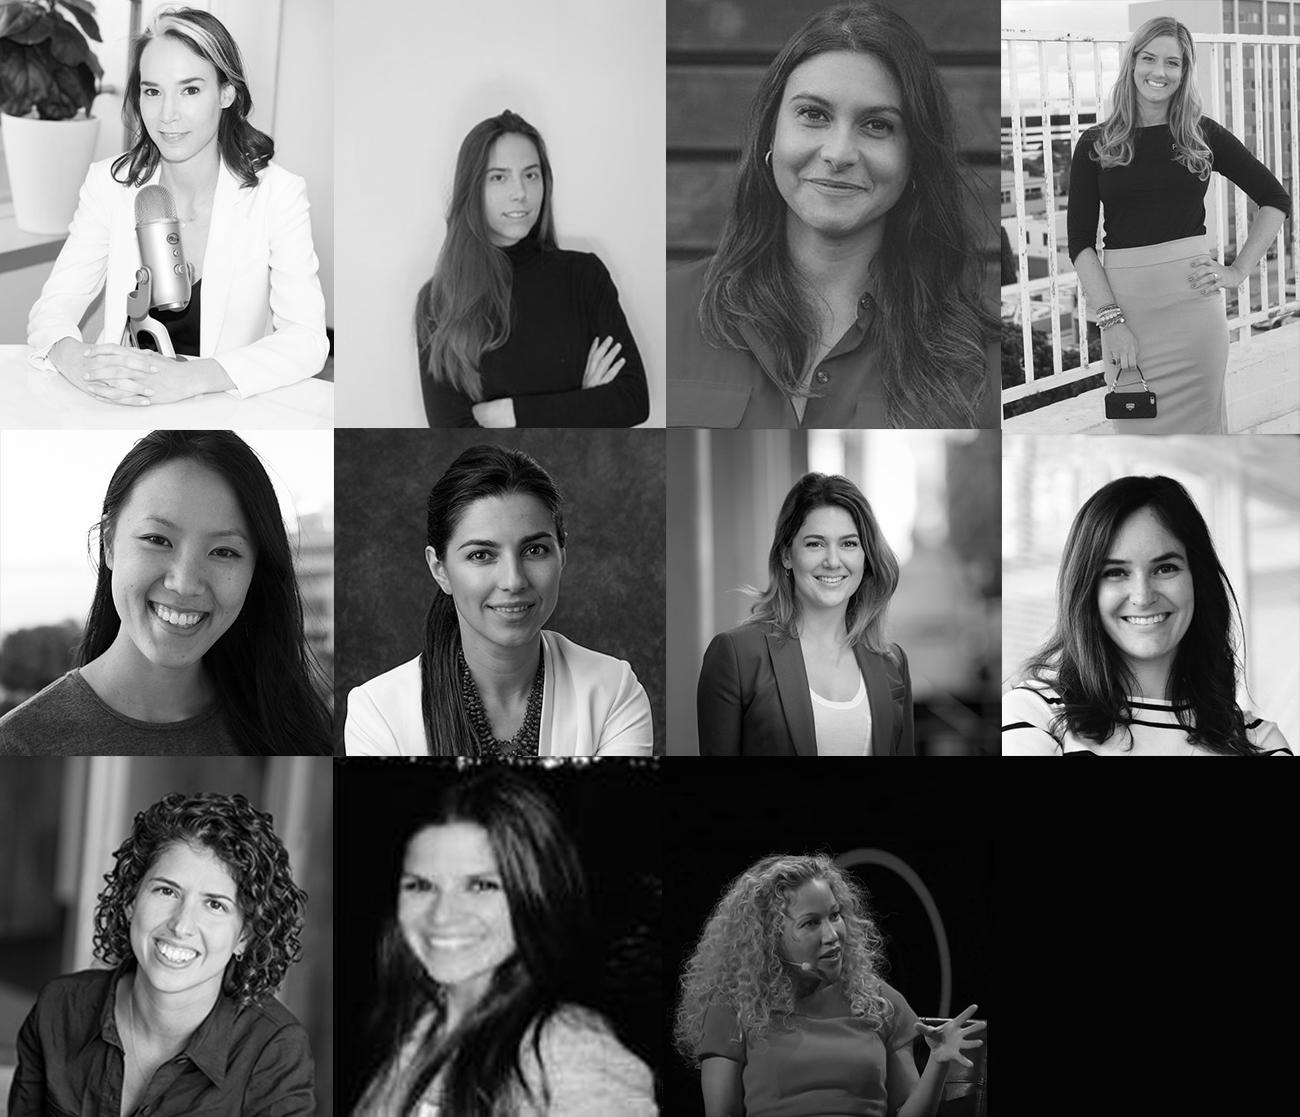 آینده ی سرمایه گذاری بر روی ارزهای رمزنگاری شده: ۱۰ زنی که باید بشناسید